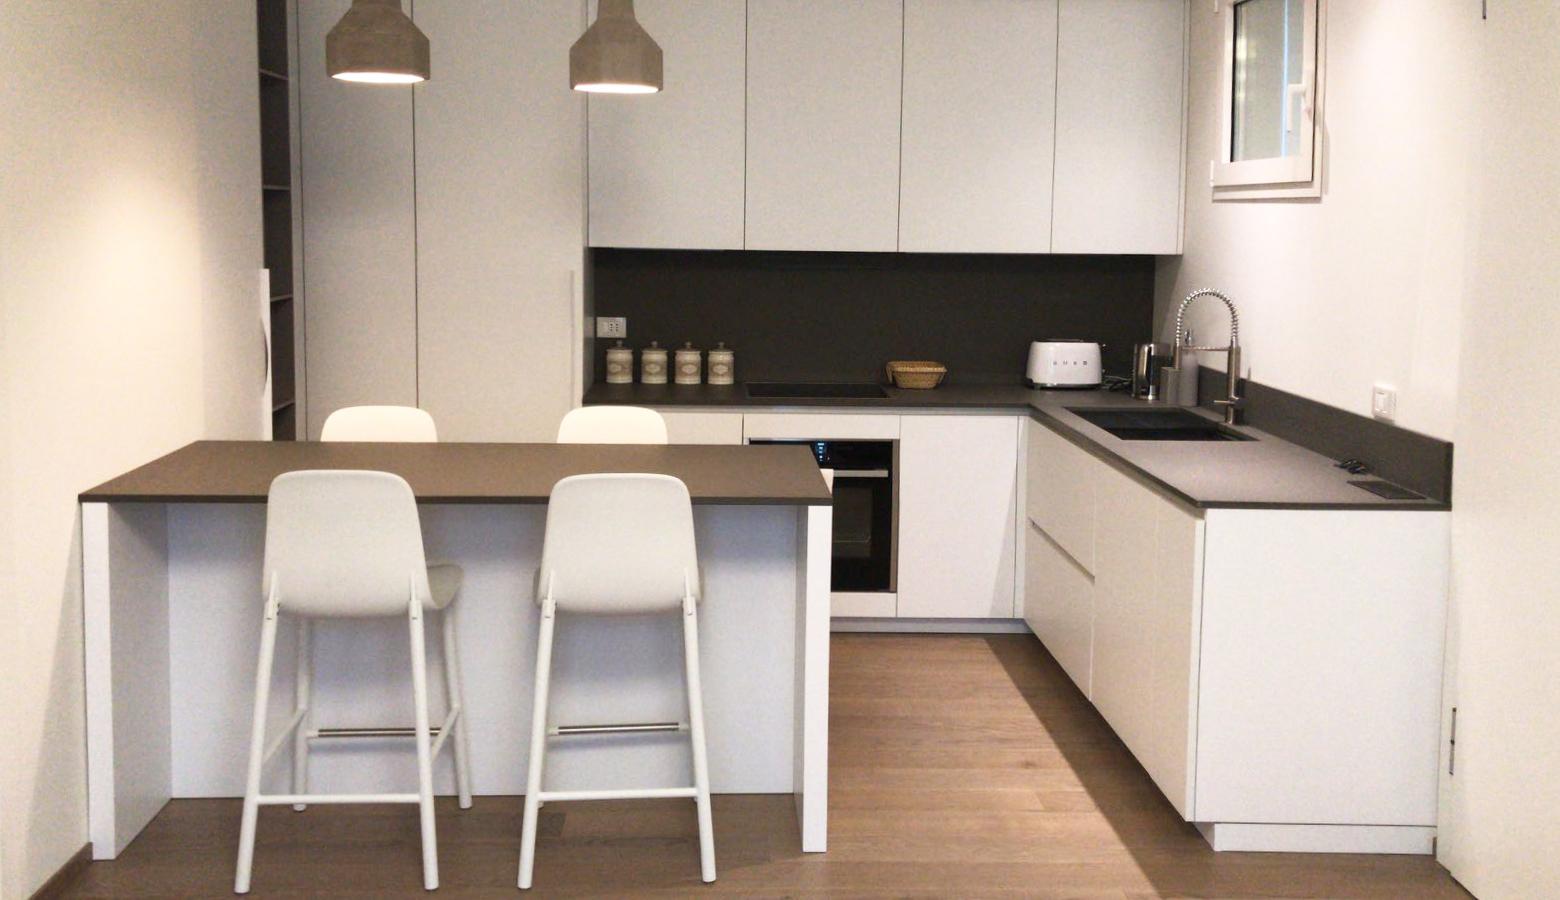 Appartamento fh iori arredamenti arredo progettazione for Arredamento appartamento completo